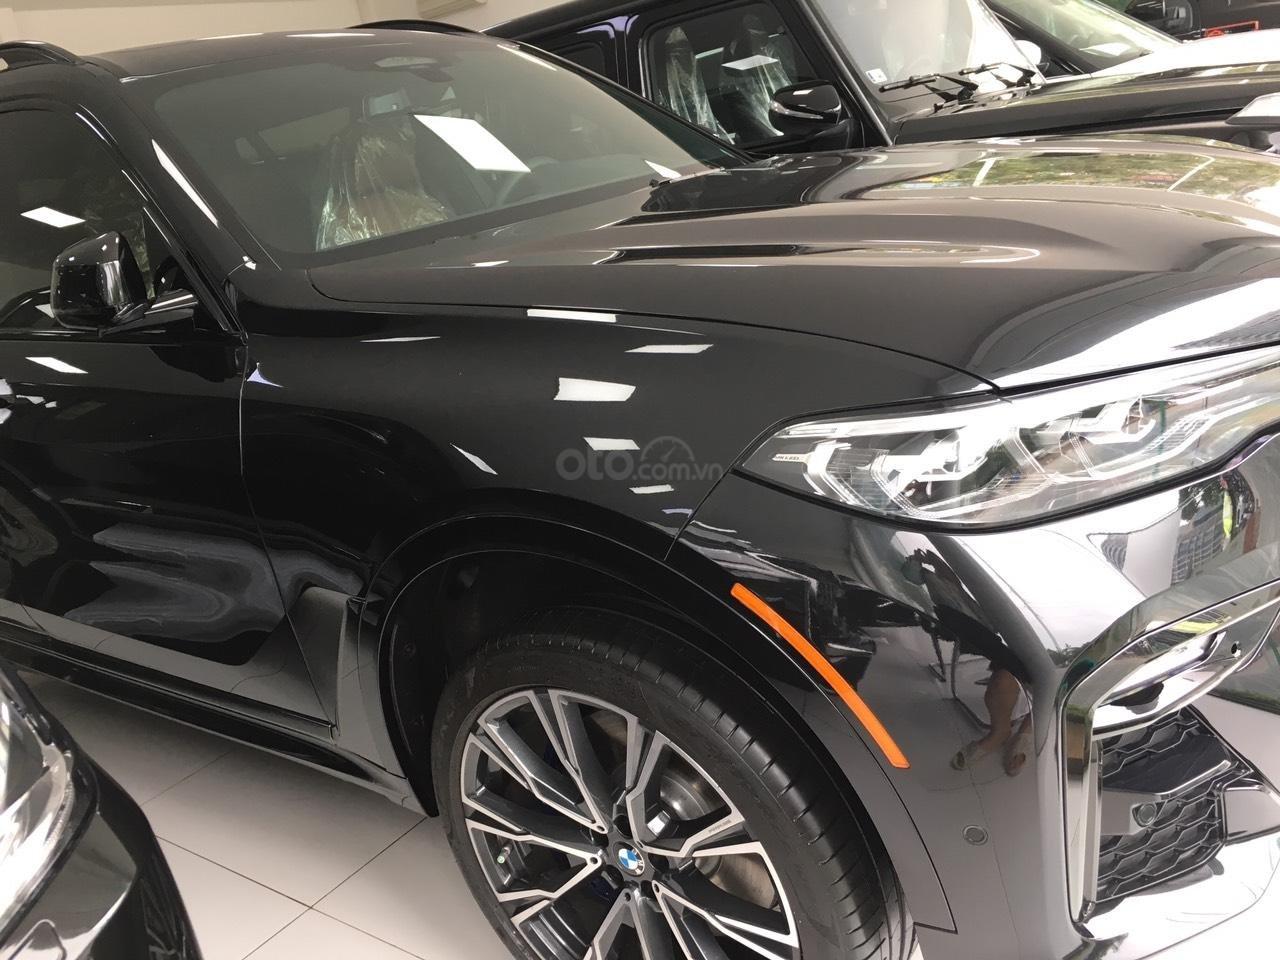 Bán BMW X7 xDrive 40i đời 2020, nhập Mỹ, giao ngay toàn quốc, giá tốt, LH 0945.39.2468 Ms Hương (9)